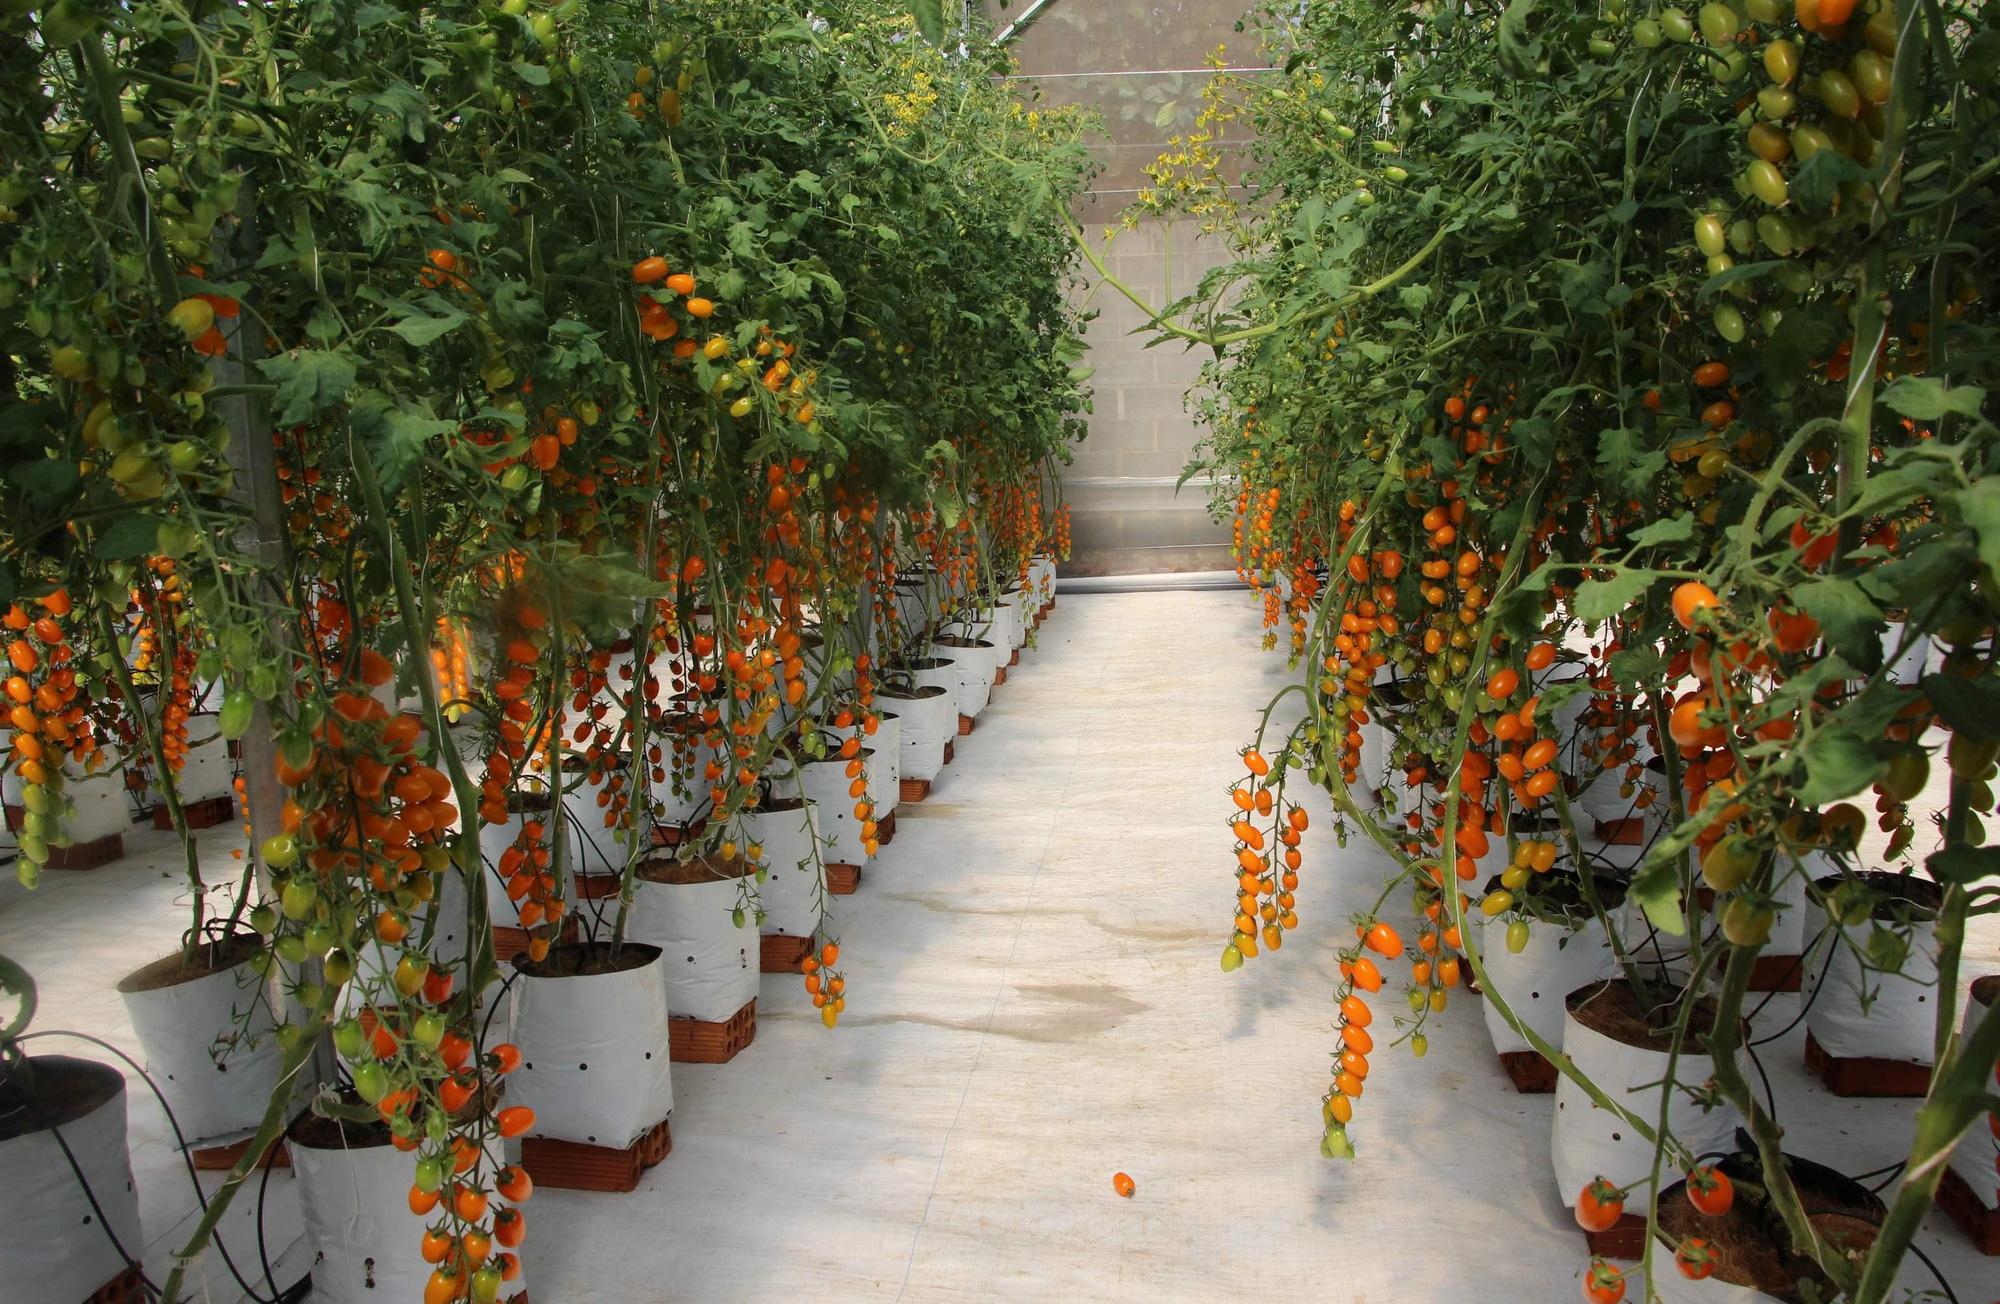 Mê mẩn vườn cà chua Nova công nghệ cao của cô giáo đam mê nông nghiệp sạch - Ảnh 2.